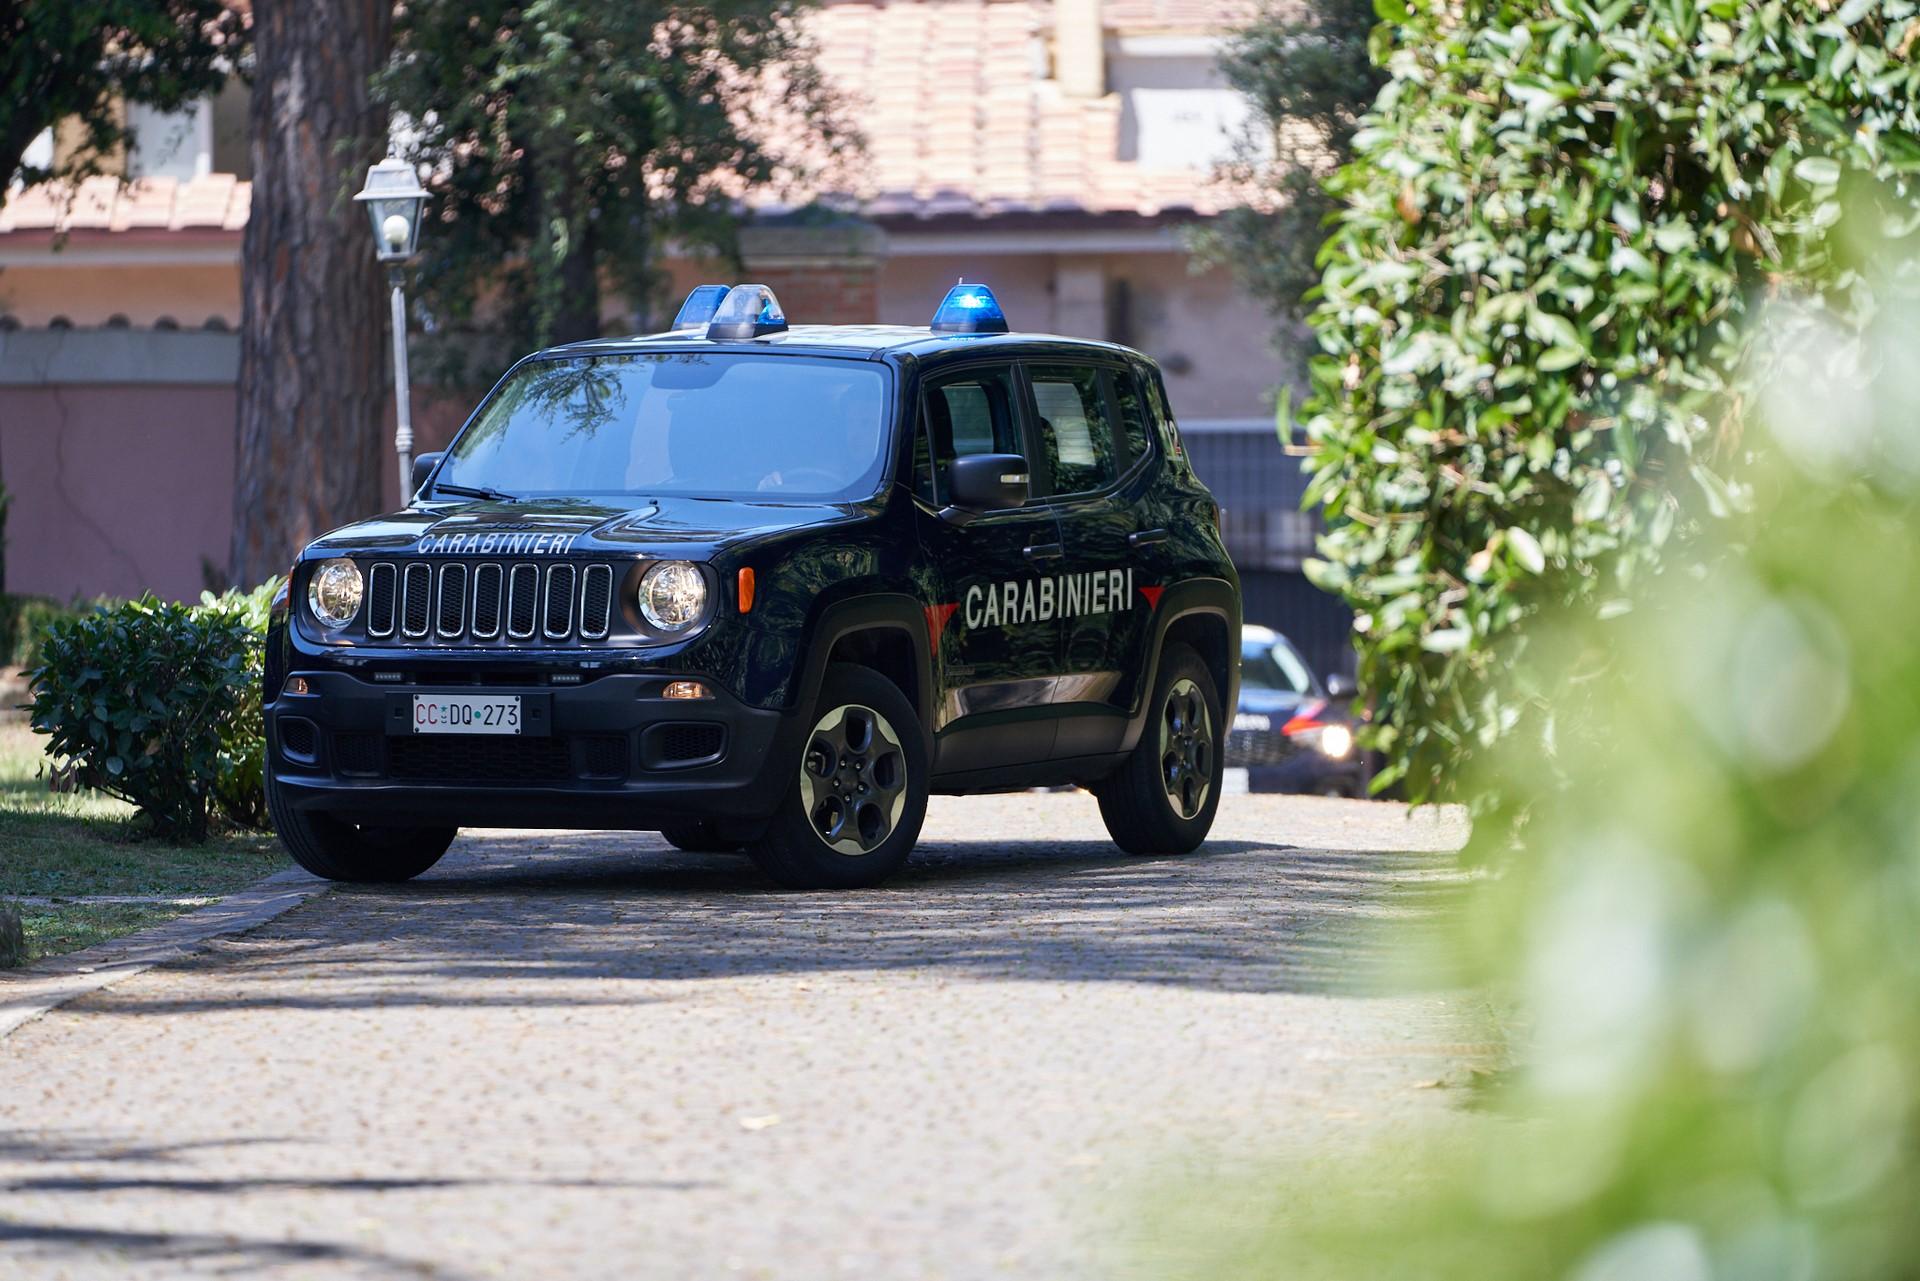 Jeep Wrangler Italian Police (18)